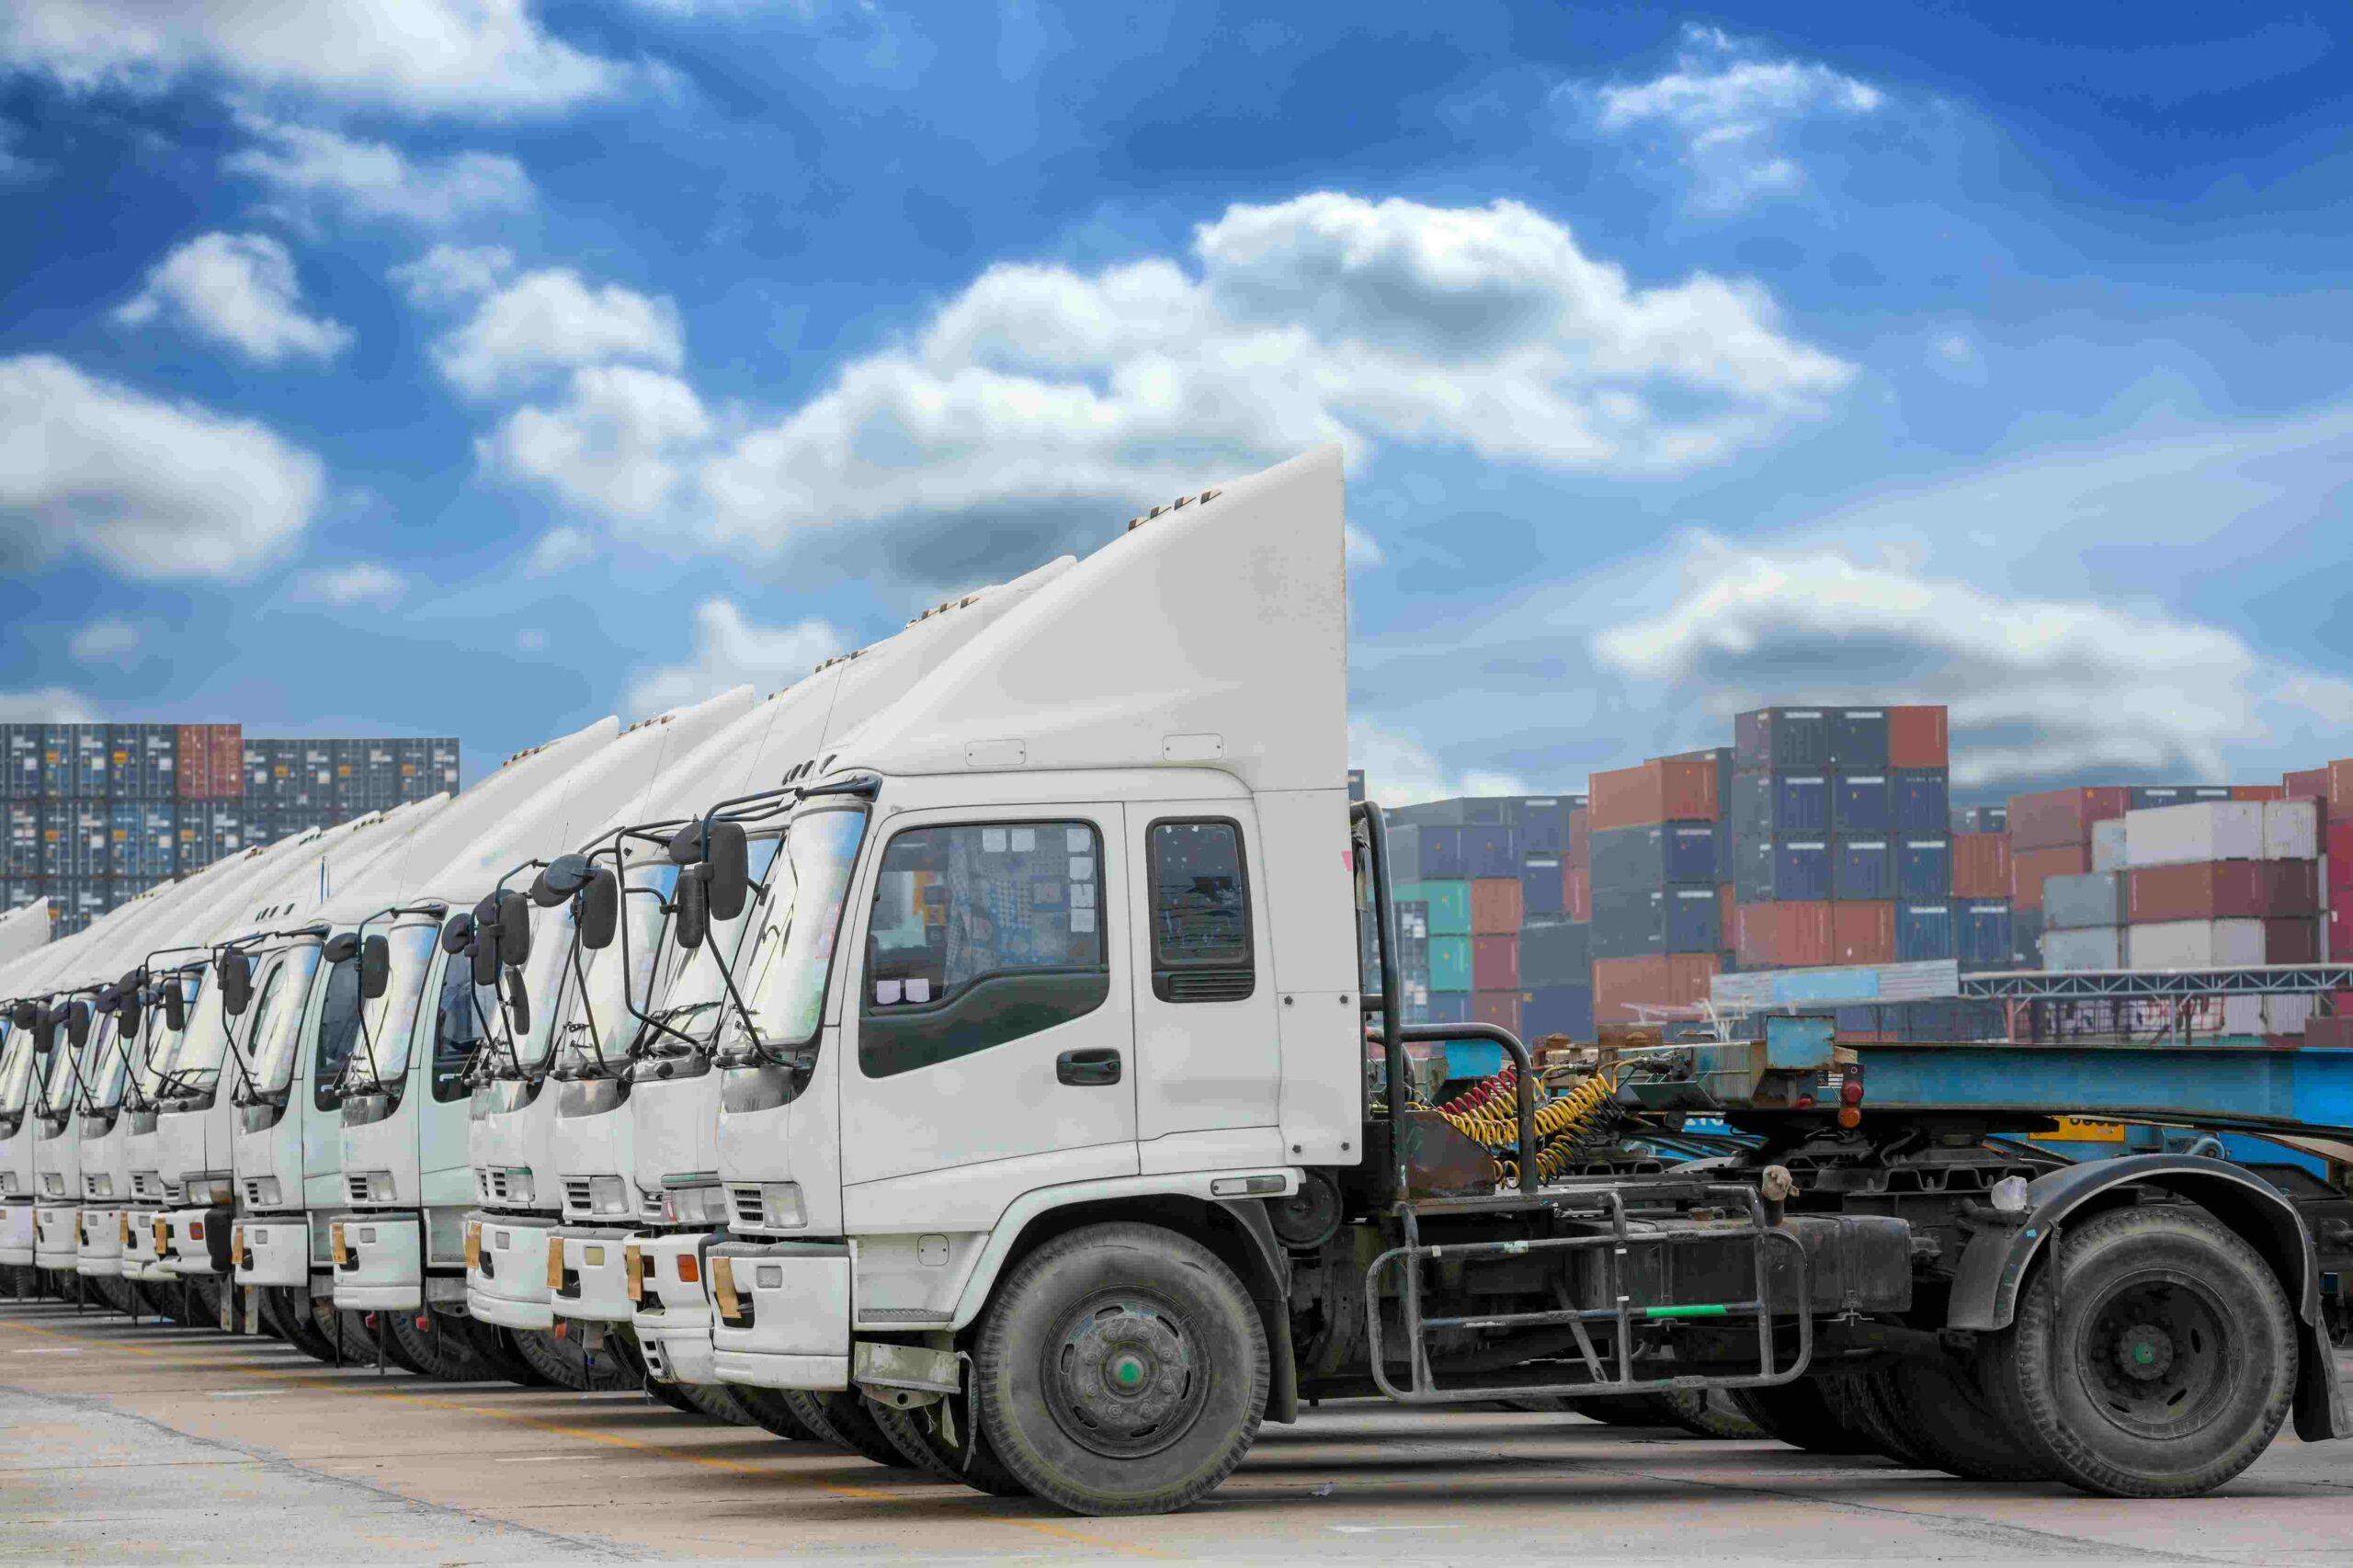 Panorama actual del robo a transporte de carga en México